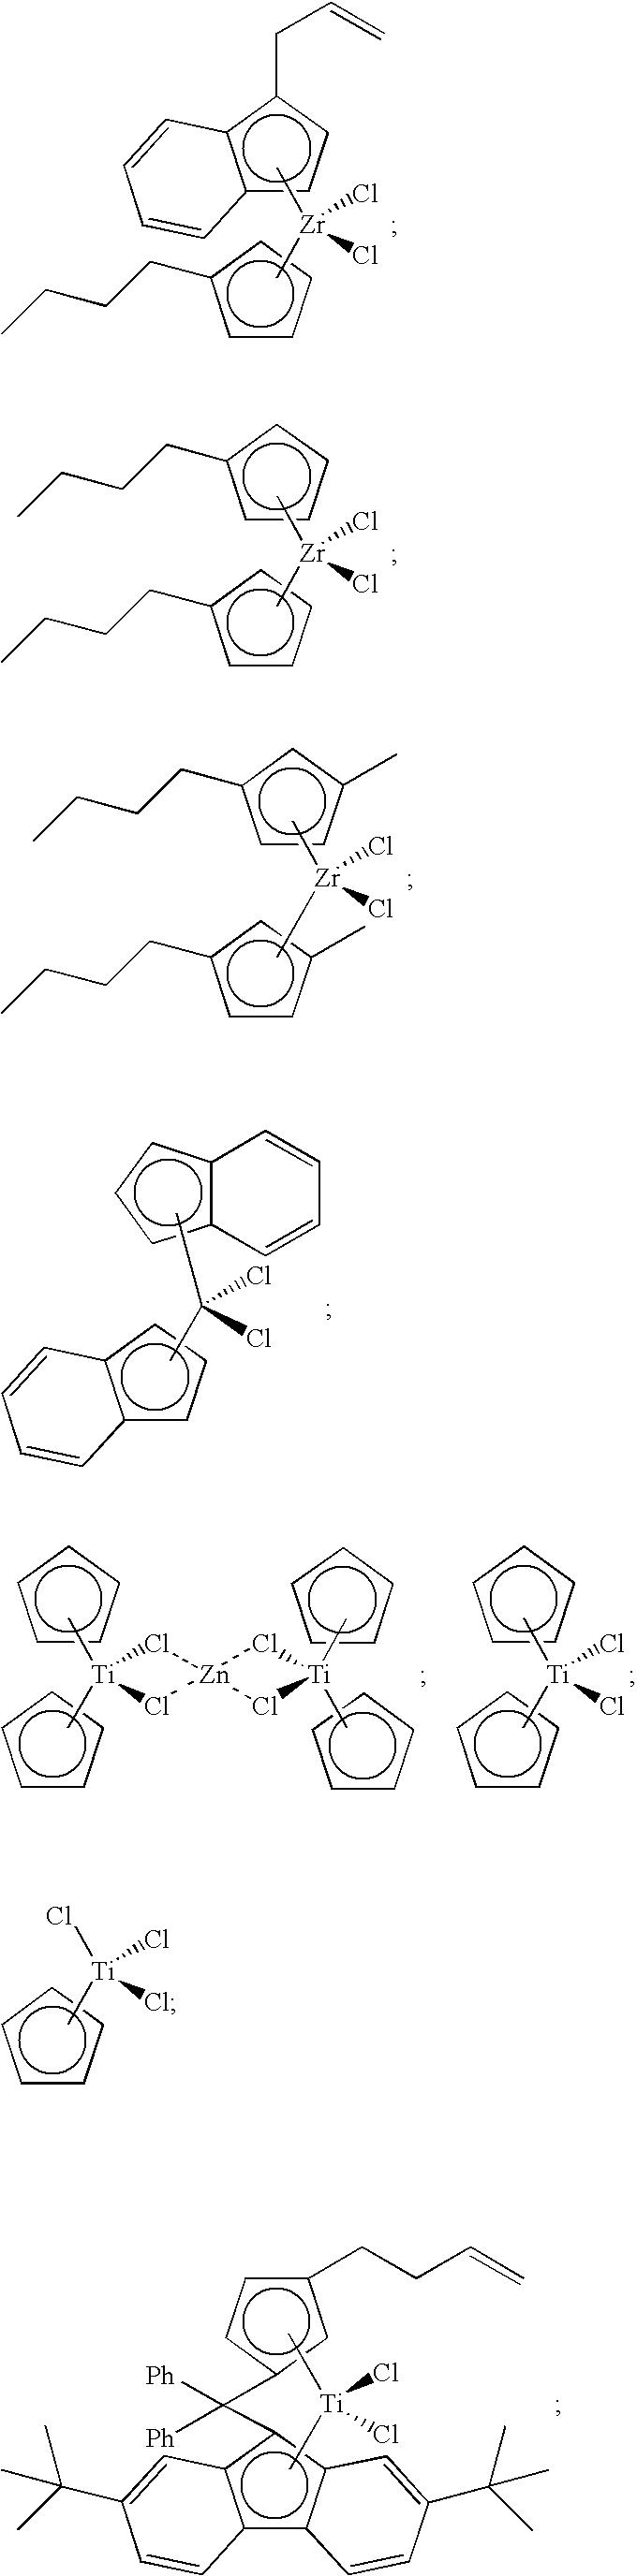 Figure US08329834-20121211-C00042